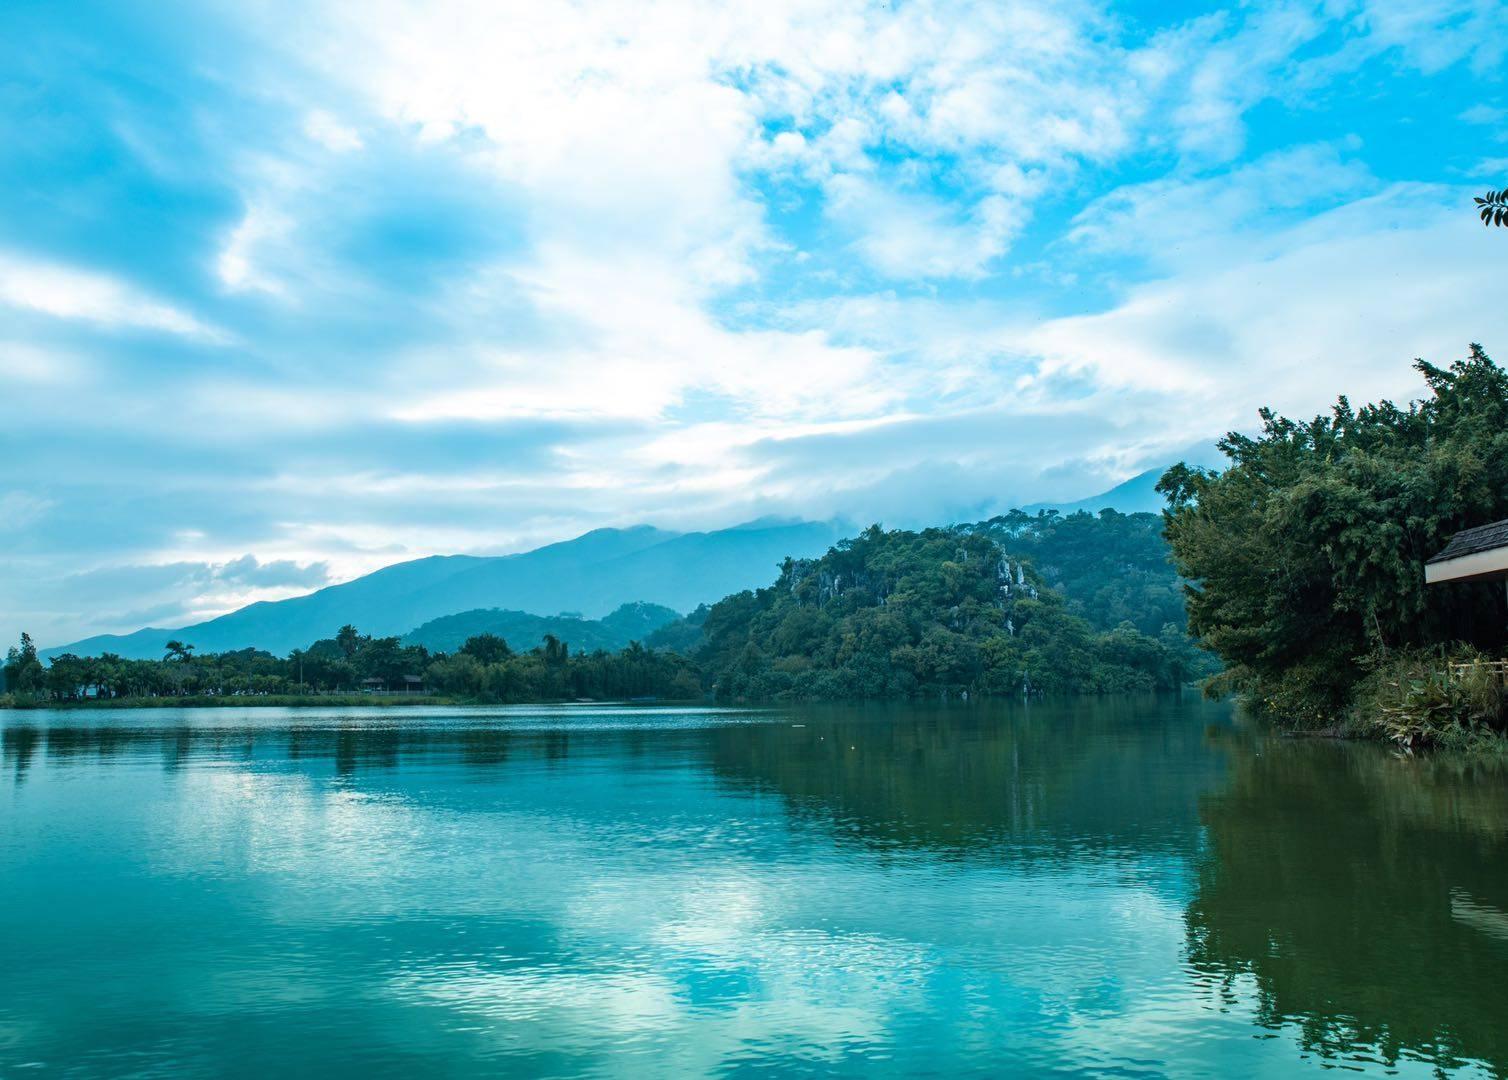 原创             肇庆的城市之肾,生态环境优越,是百鸟天堂,还被称为南方的鸟岛